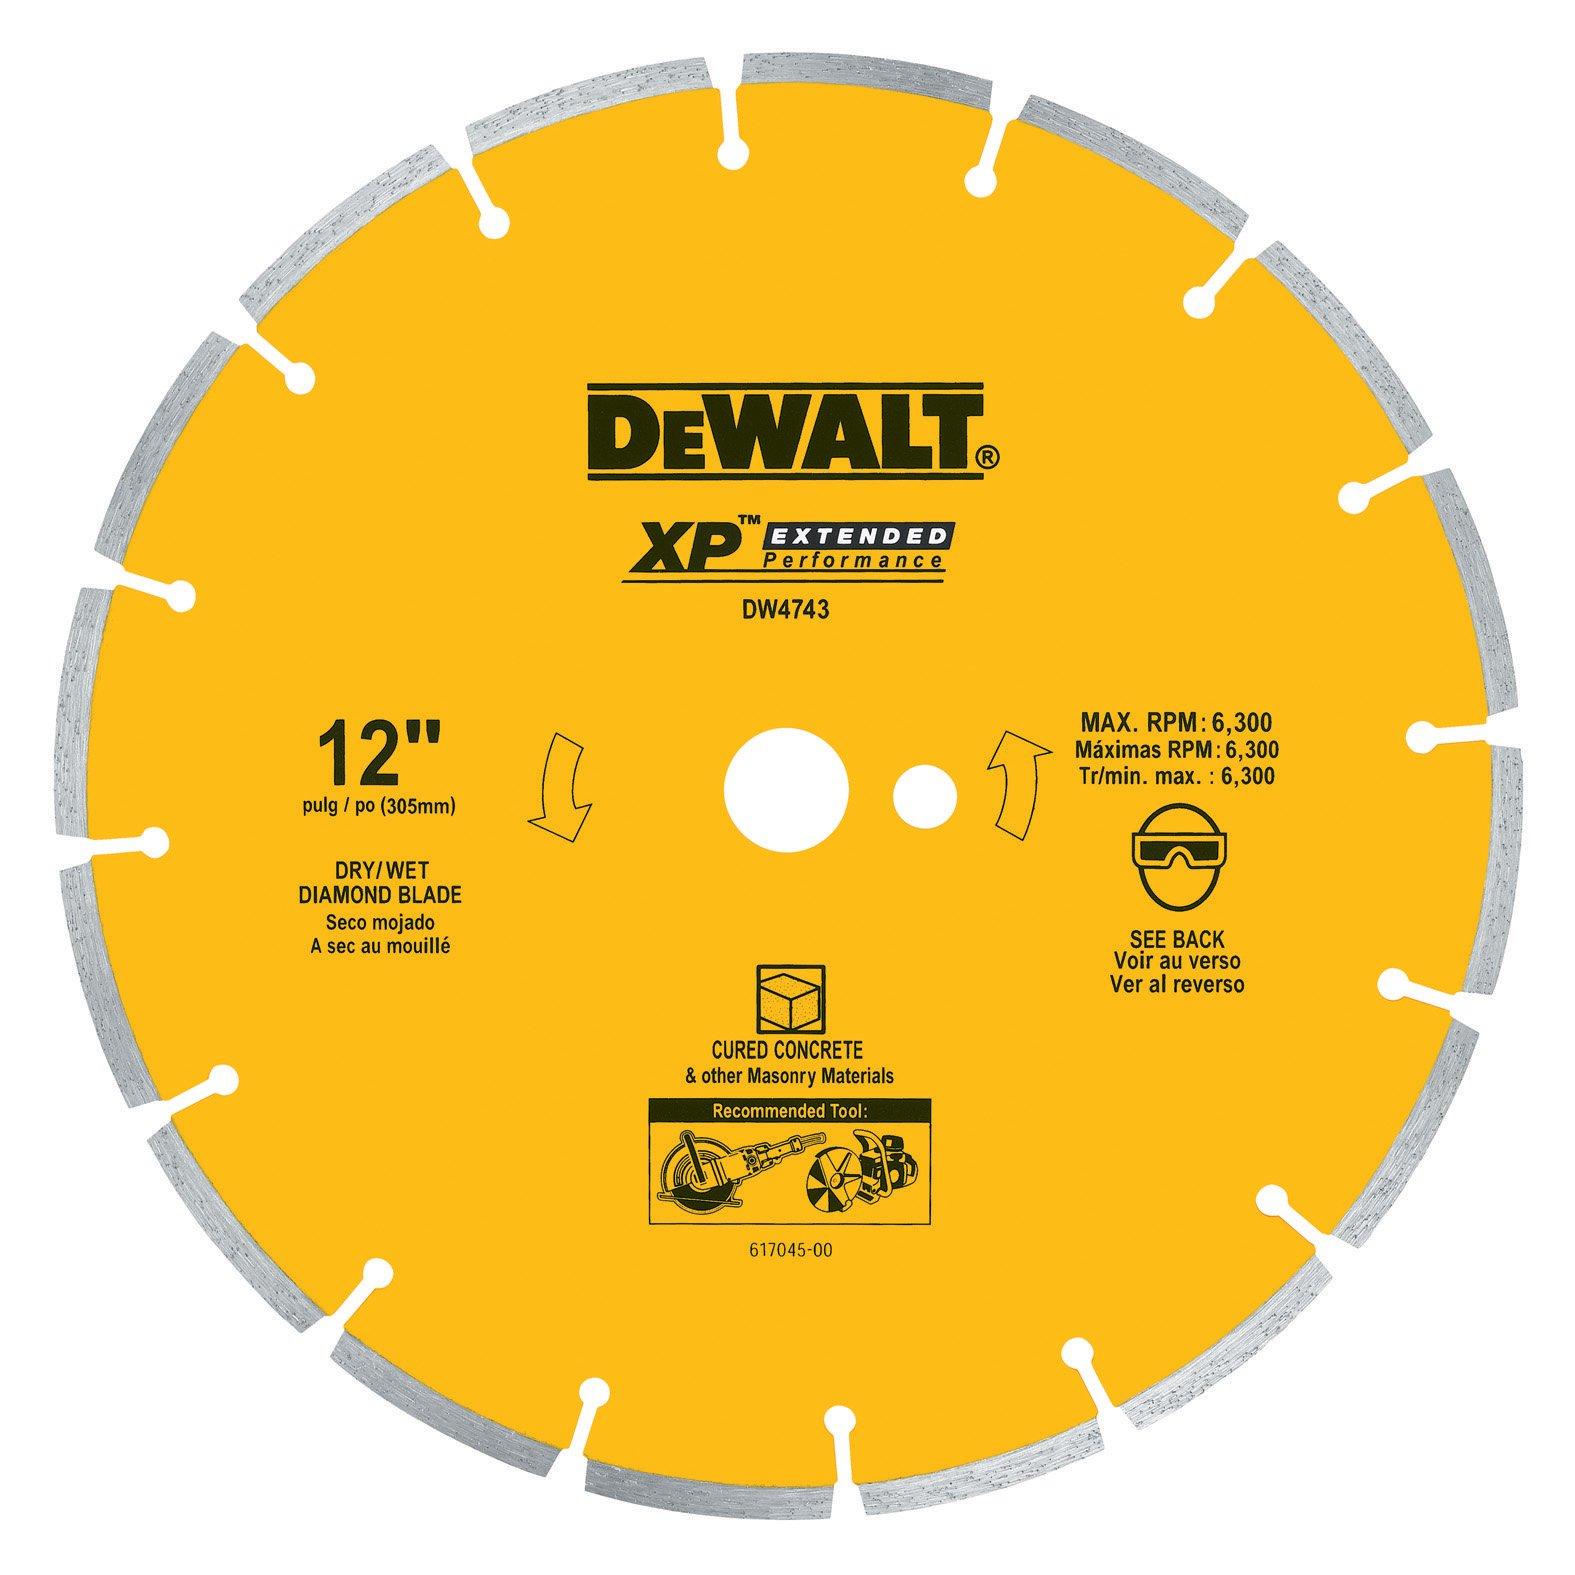 Disco de Diamante DEWALT DW4743 XP segmentado de corte en seco de 12 pulg. con eje de 1 pulgada para concreto curado